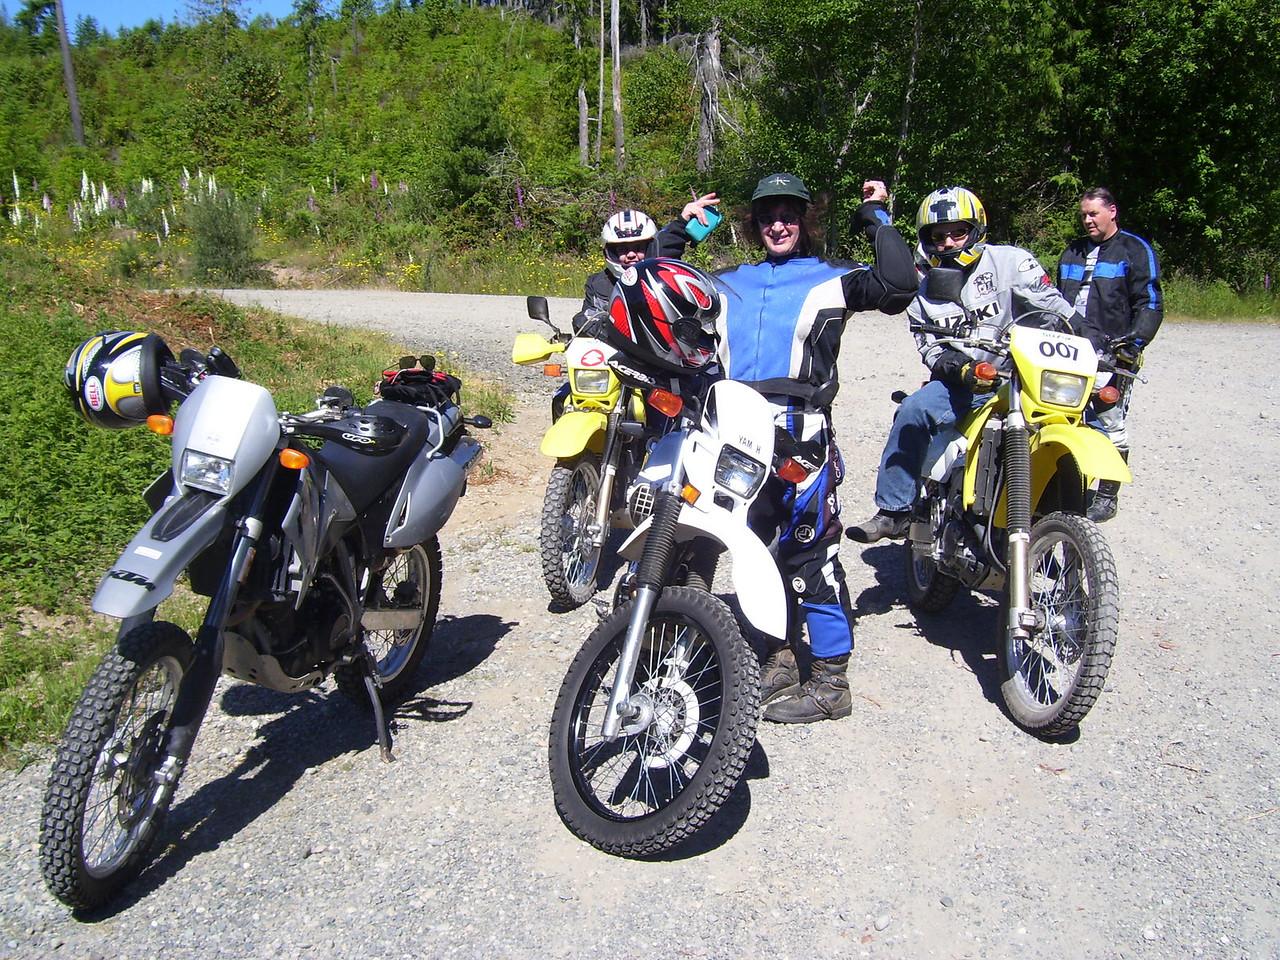 Near Mason LaKe. Cheryl, Supersyl, 007 Jimmy, & Marty